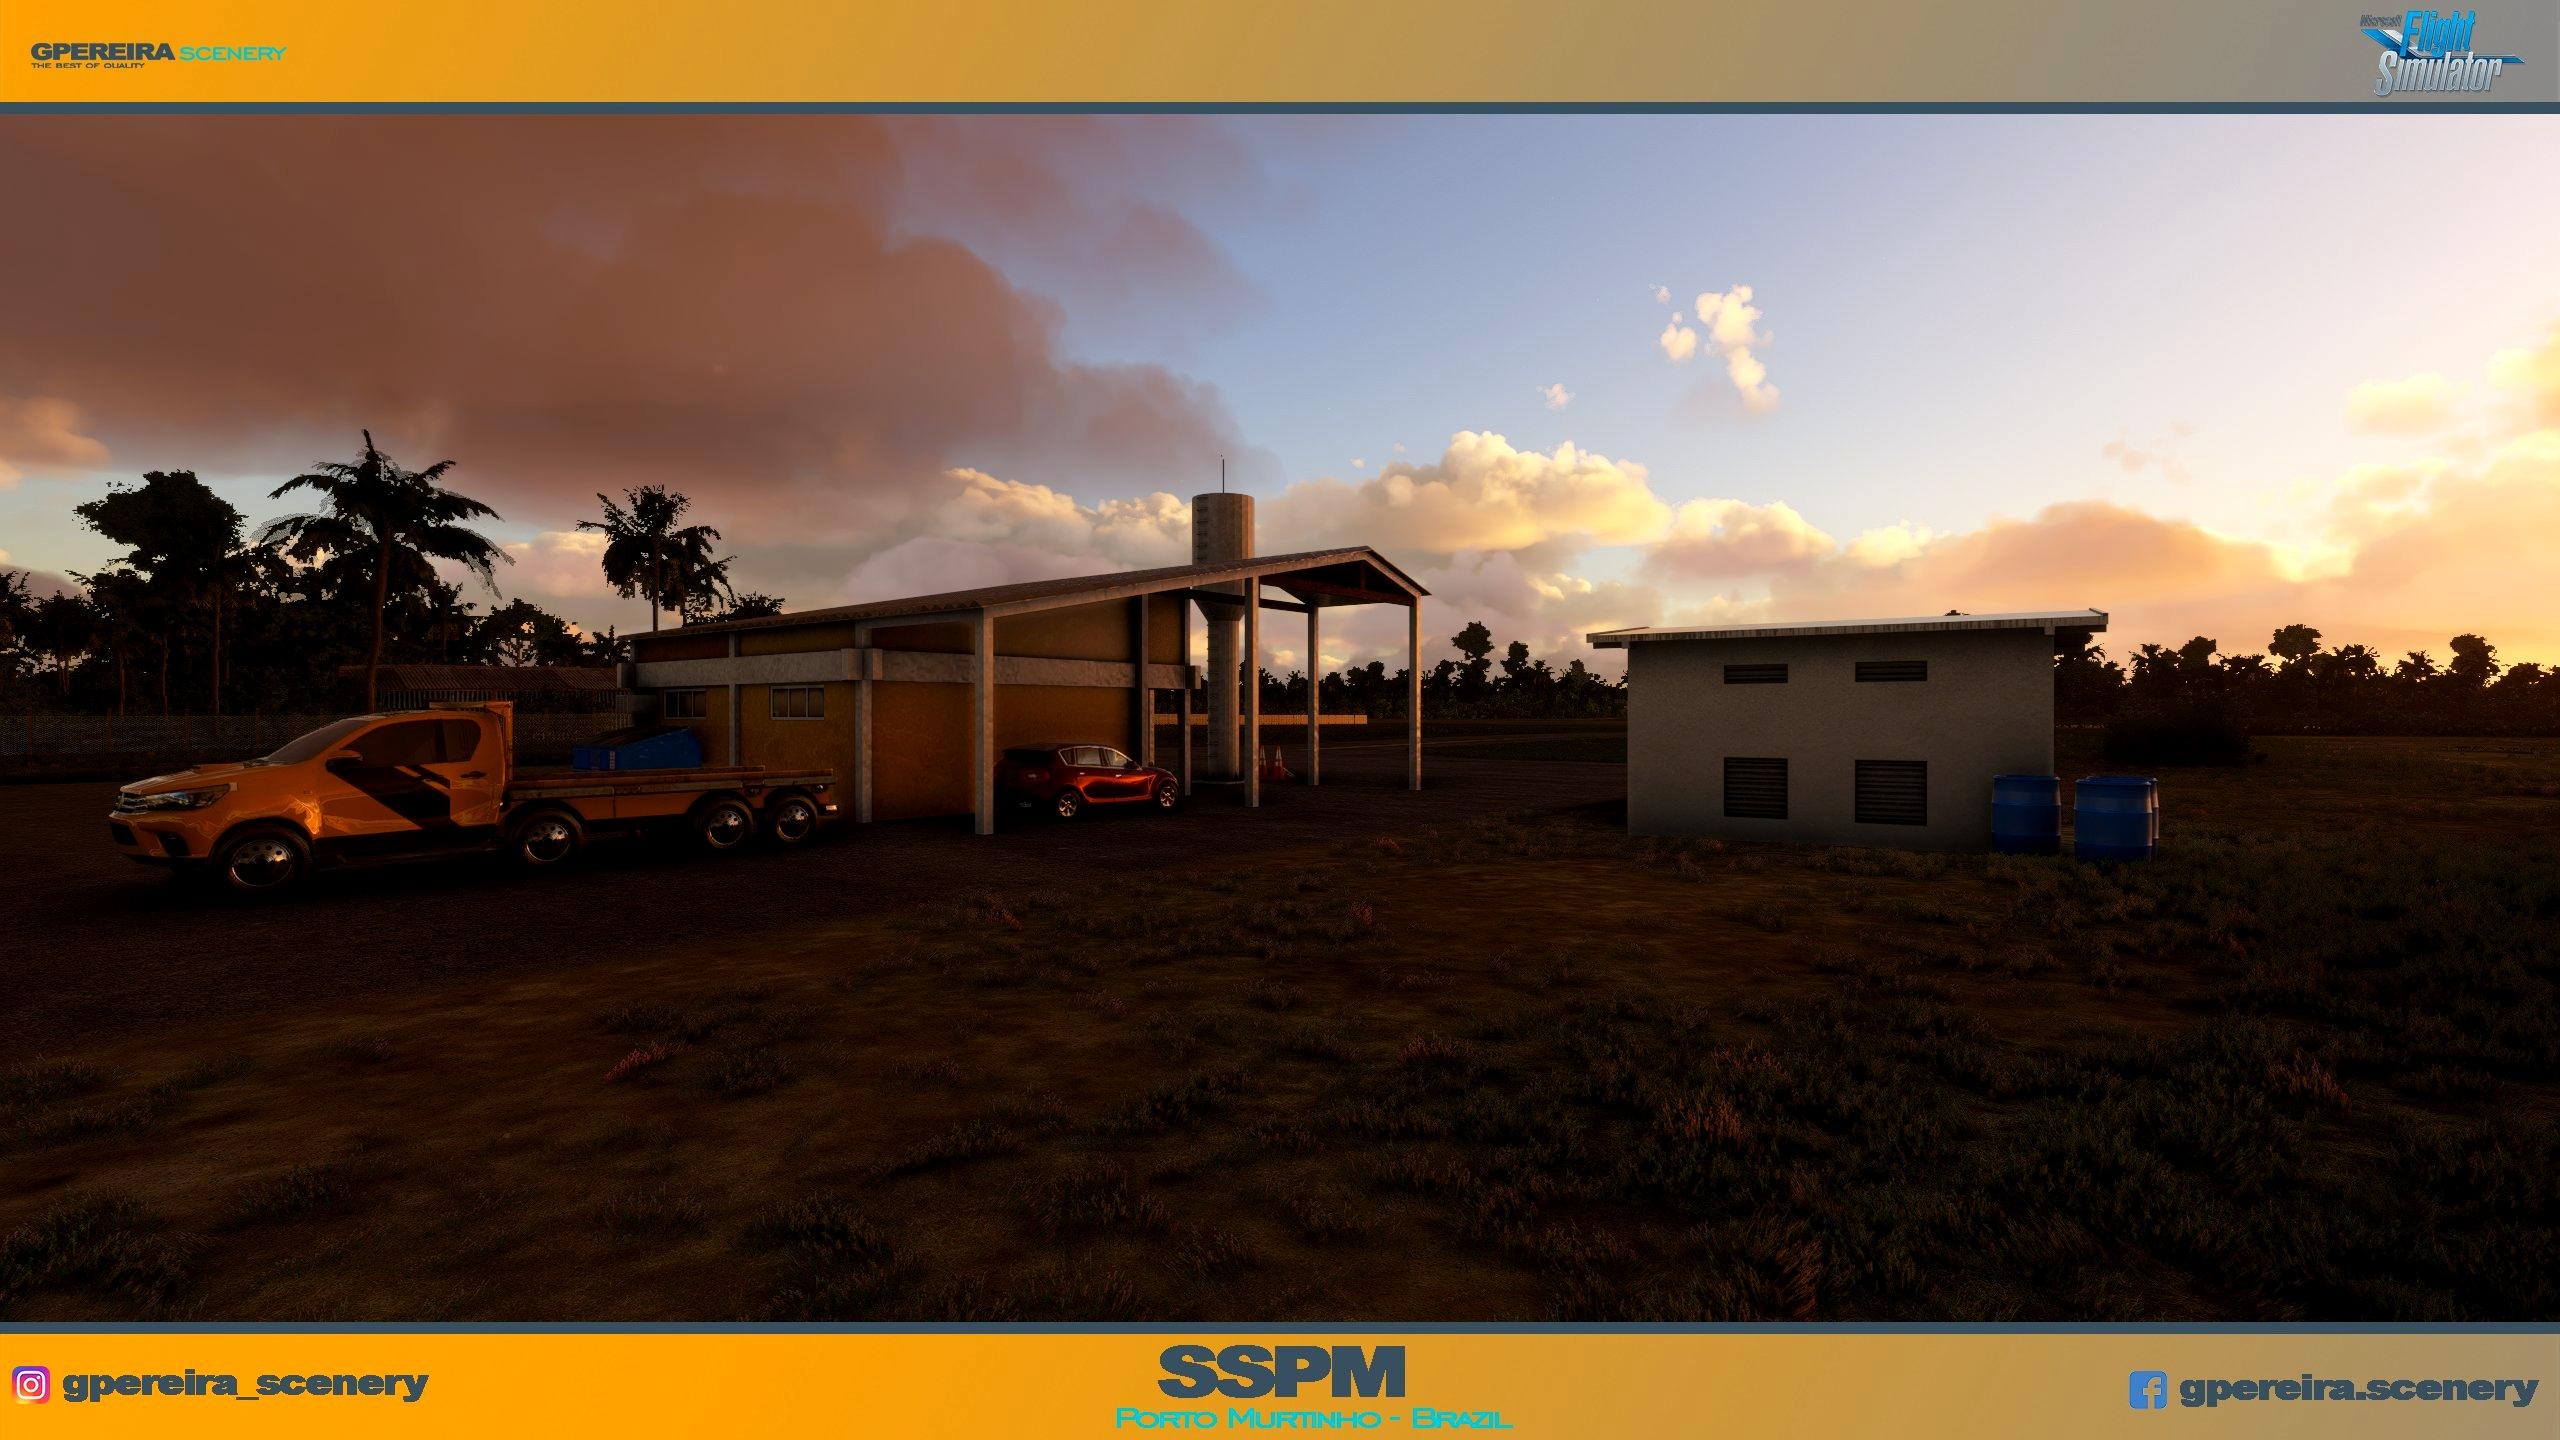 GPEREIRA SCENERY - PORTO MURTINHO - SSPM - BRAZIL - MSFS